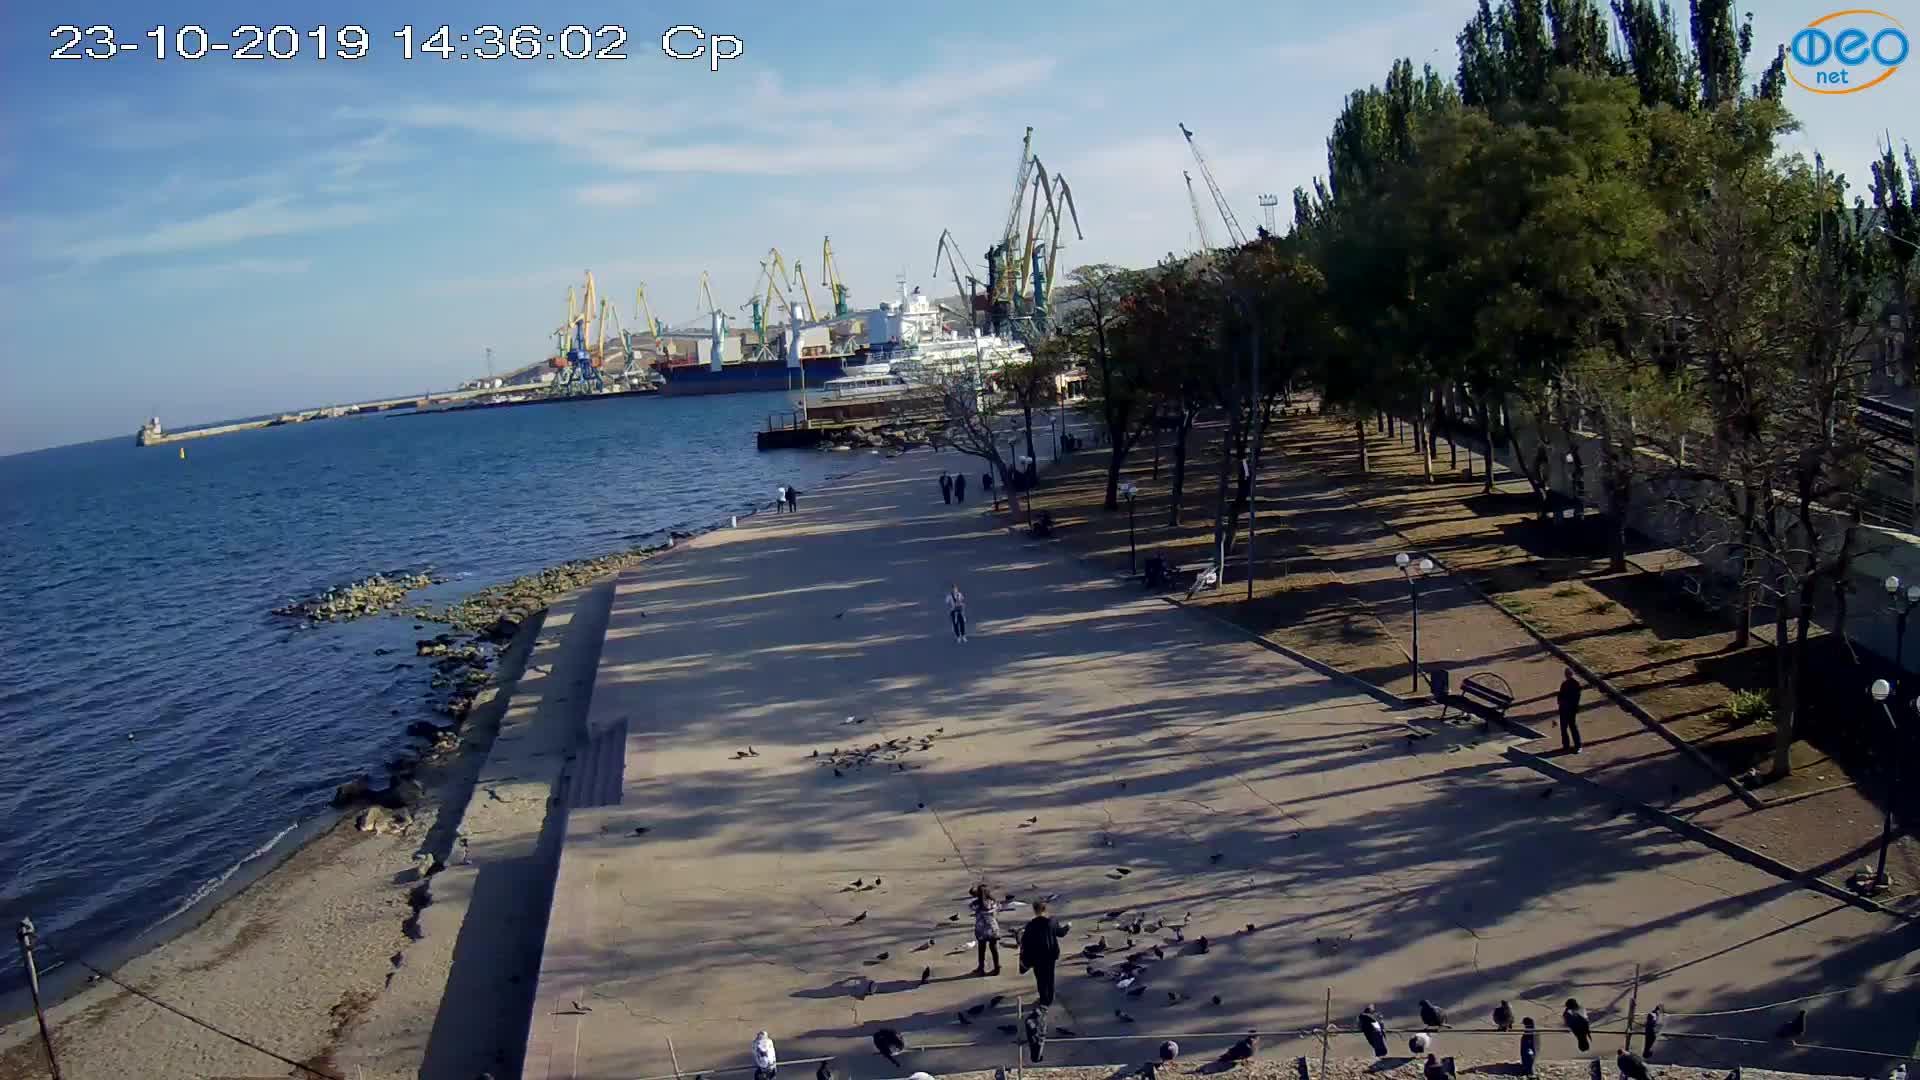 Веб-камеры Феодосии, Набережная Десантников, 2019-10-23 14:36:15